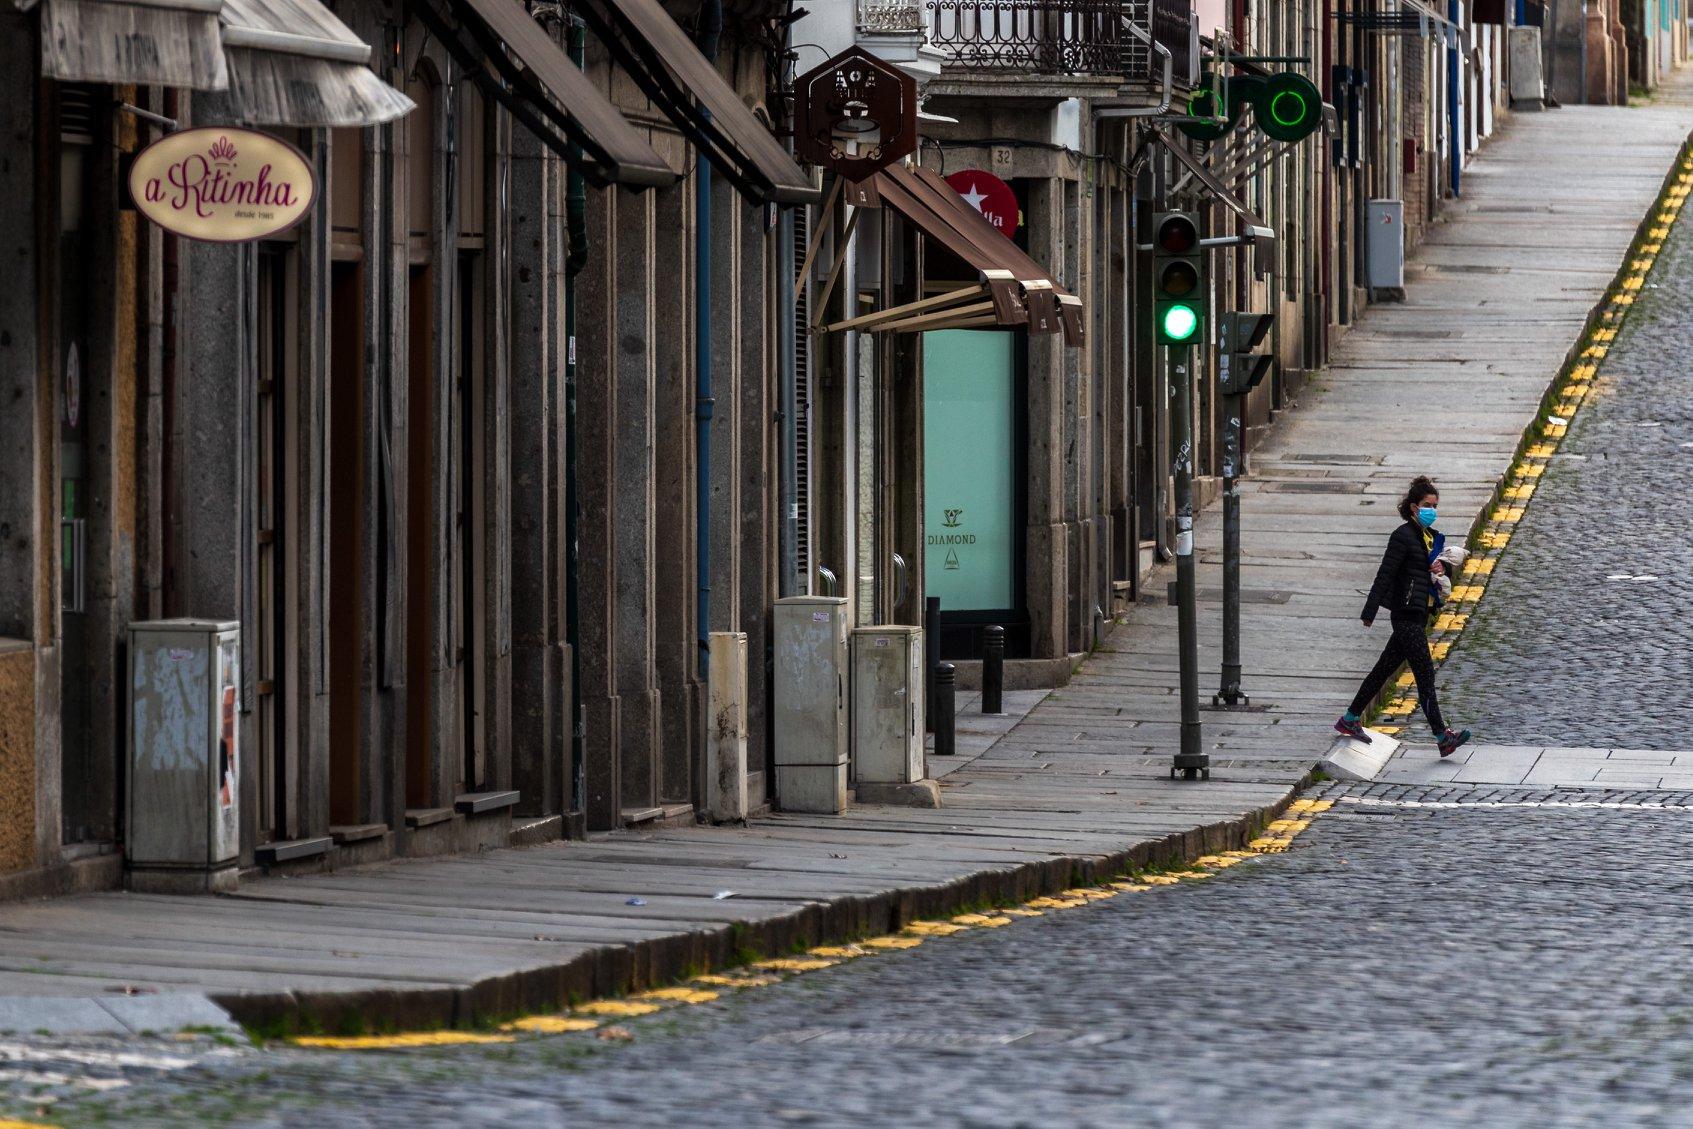 Casos novos de covid-19 diminuem nos distritos de Braga e Viana do Castelo. Esposende é excepção